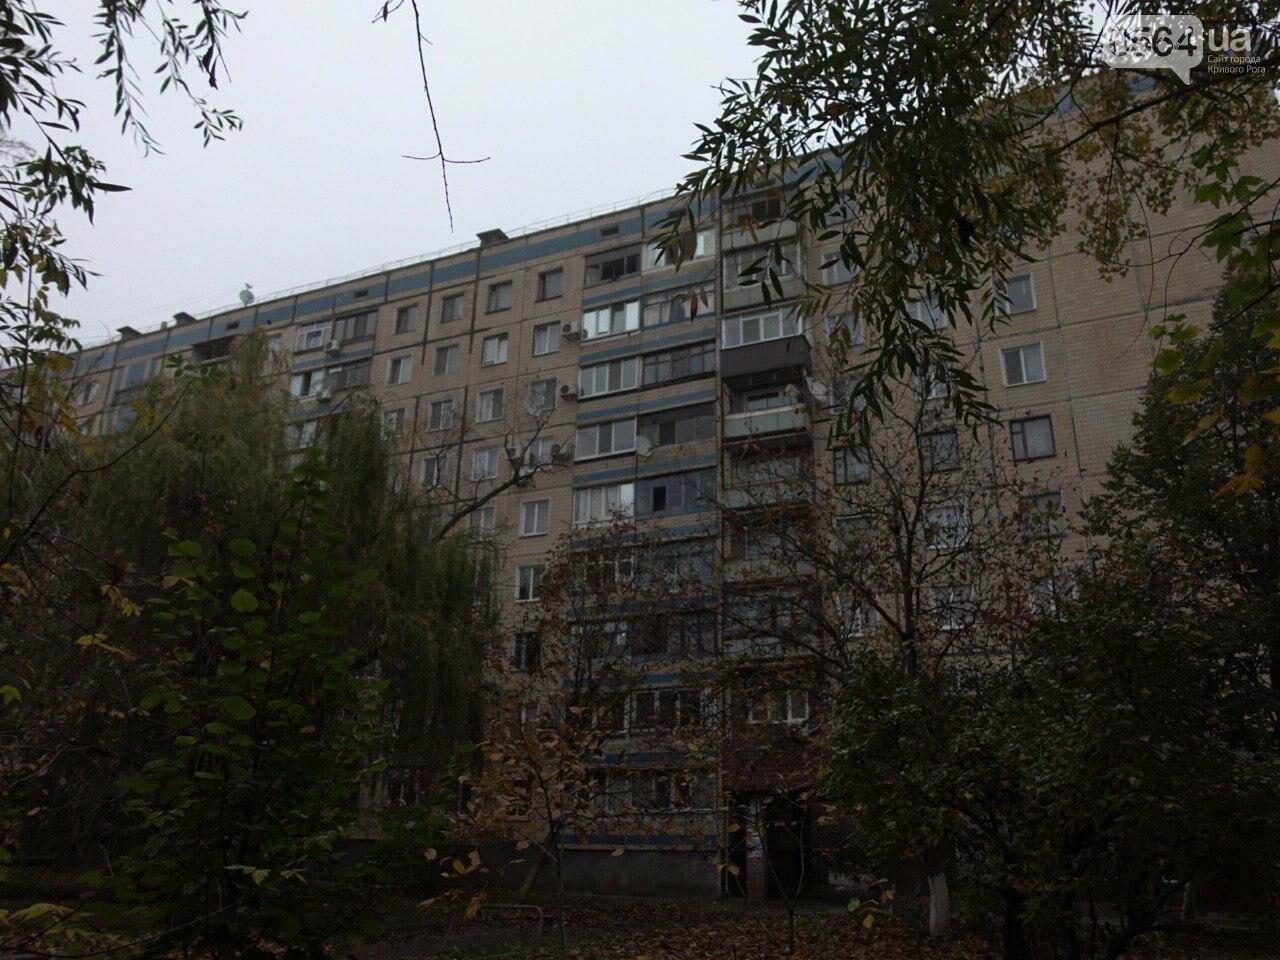 В Кривом Роге из окна 9 этажа выпал мужчина, - ФОТО 18+, фото-11